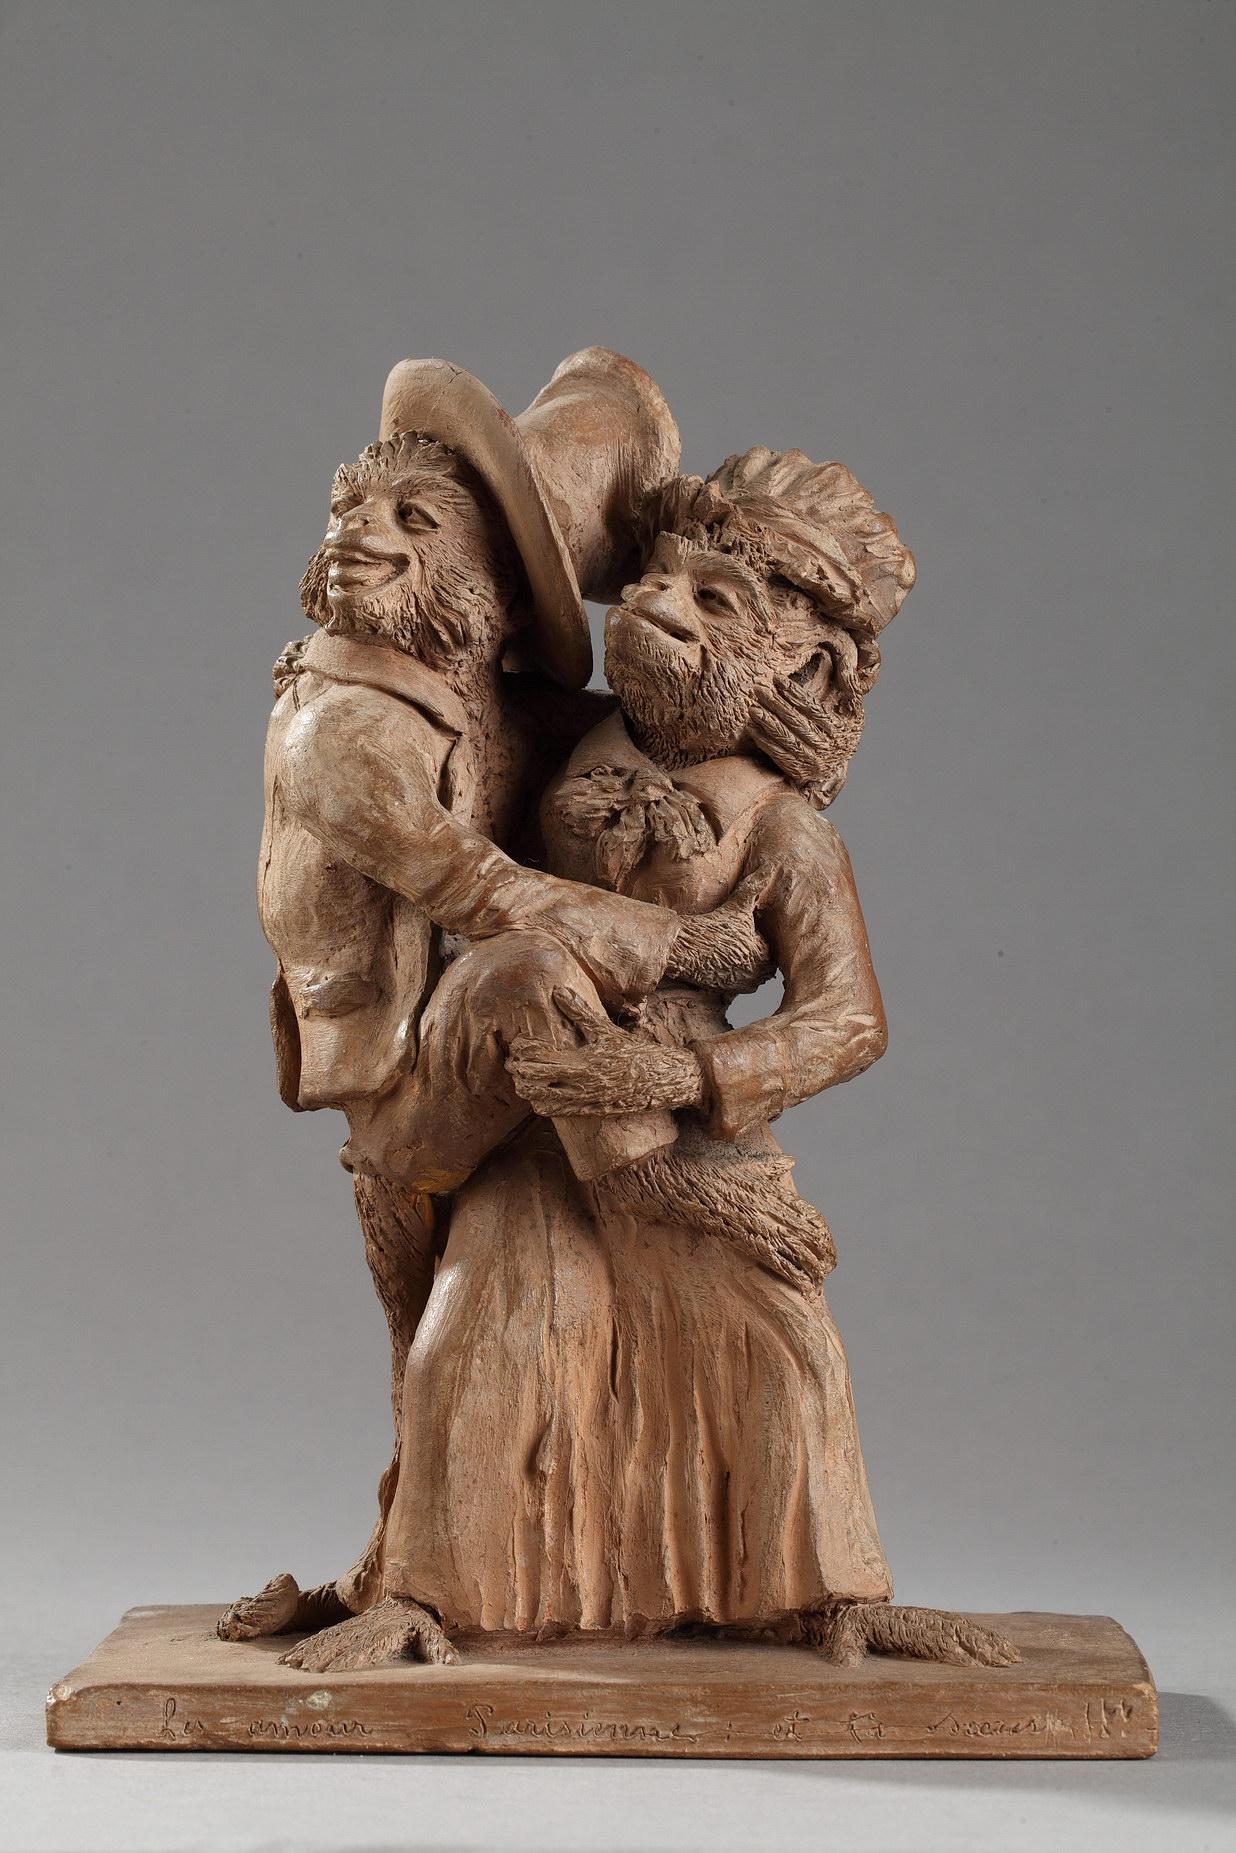 """P. Lucien, """"Les amours Parisiennes... et ta sœur !"""", terre cuite représentant deux signes, haut. 19 cm, sculptures - galerie Tourbillon, Paris"""